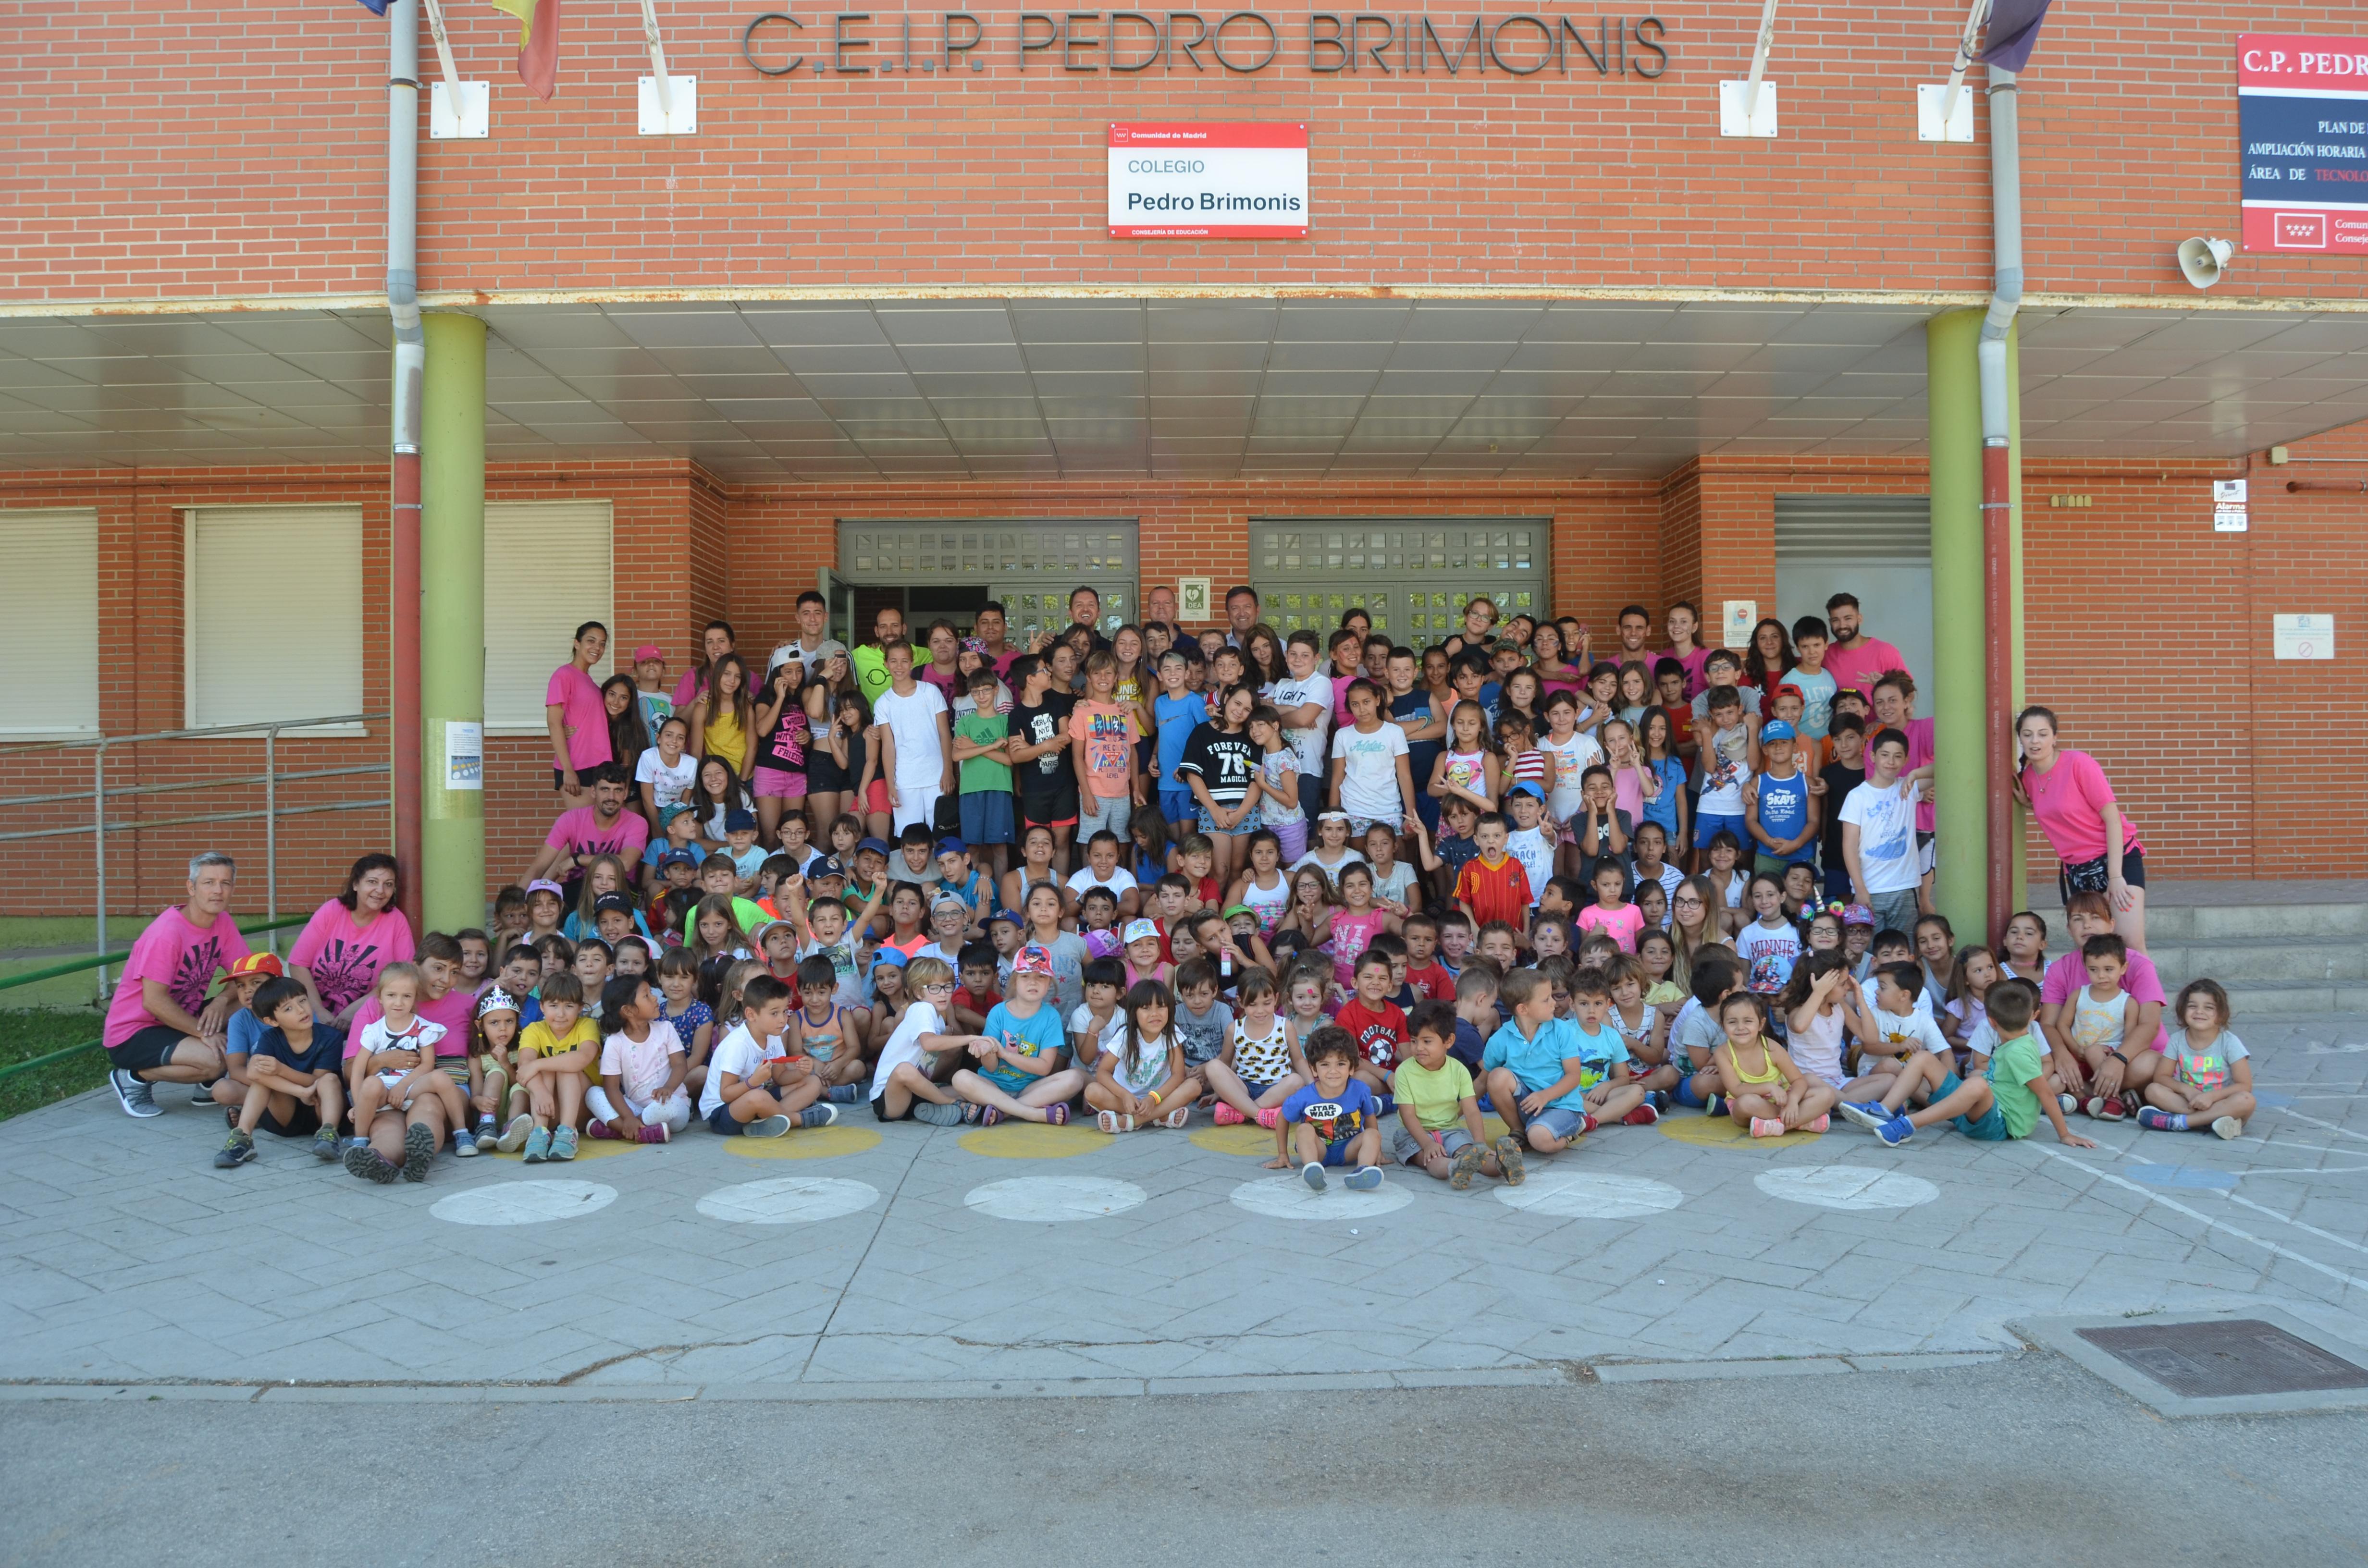 El alcalde de Humanes de Madrid visita los campamentos urbanos en el CEIP Pedro Brimonis con 632 niños inscritos en esta temporada.